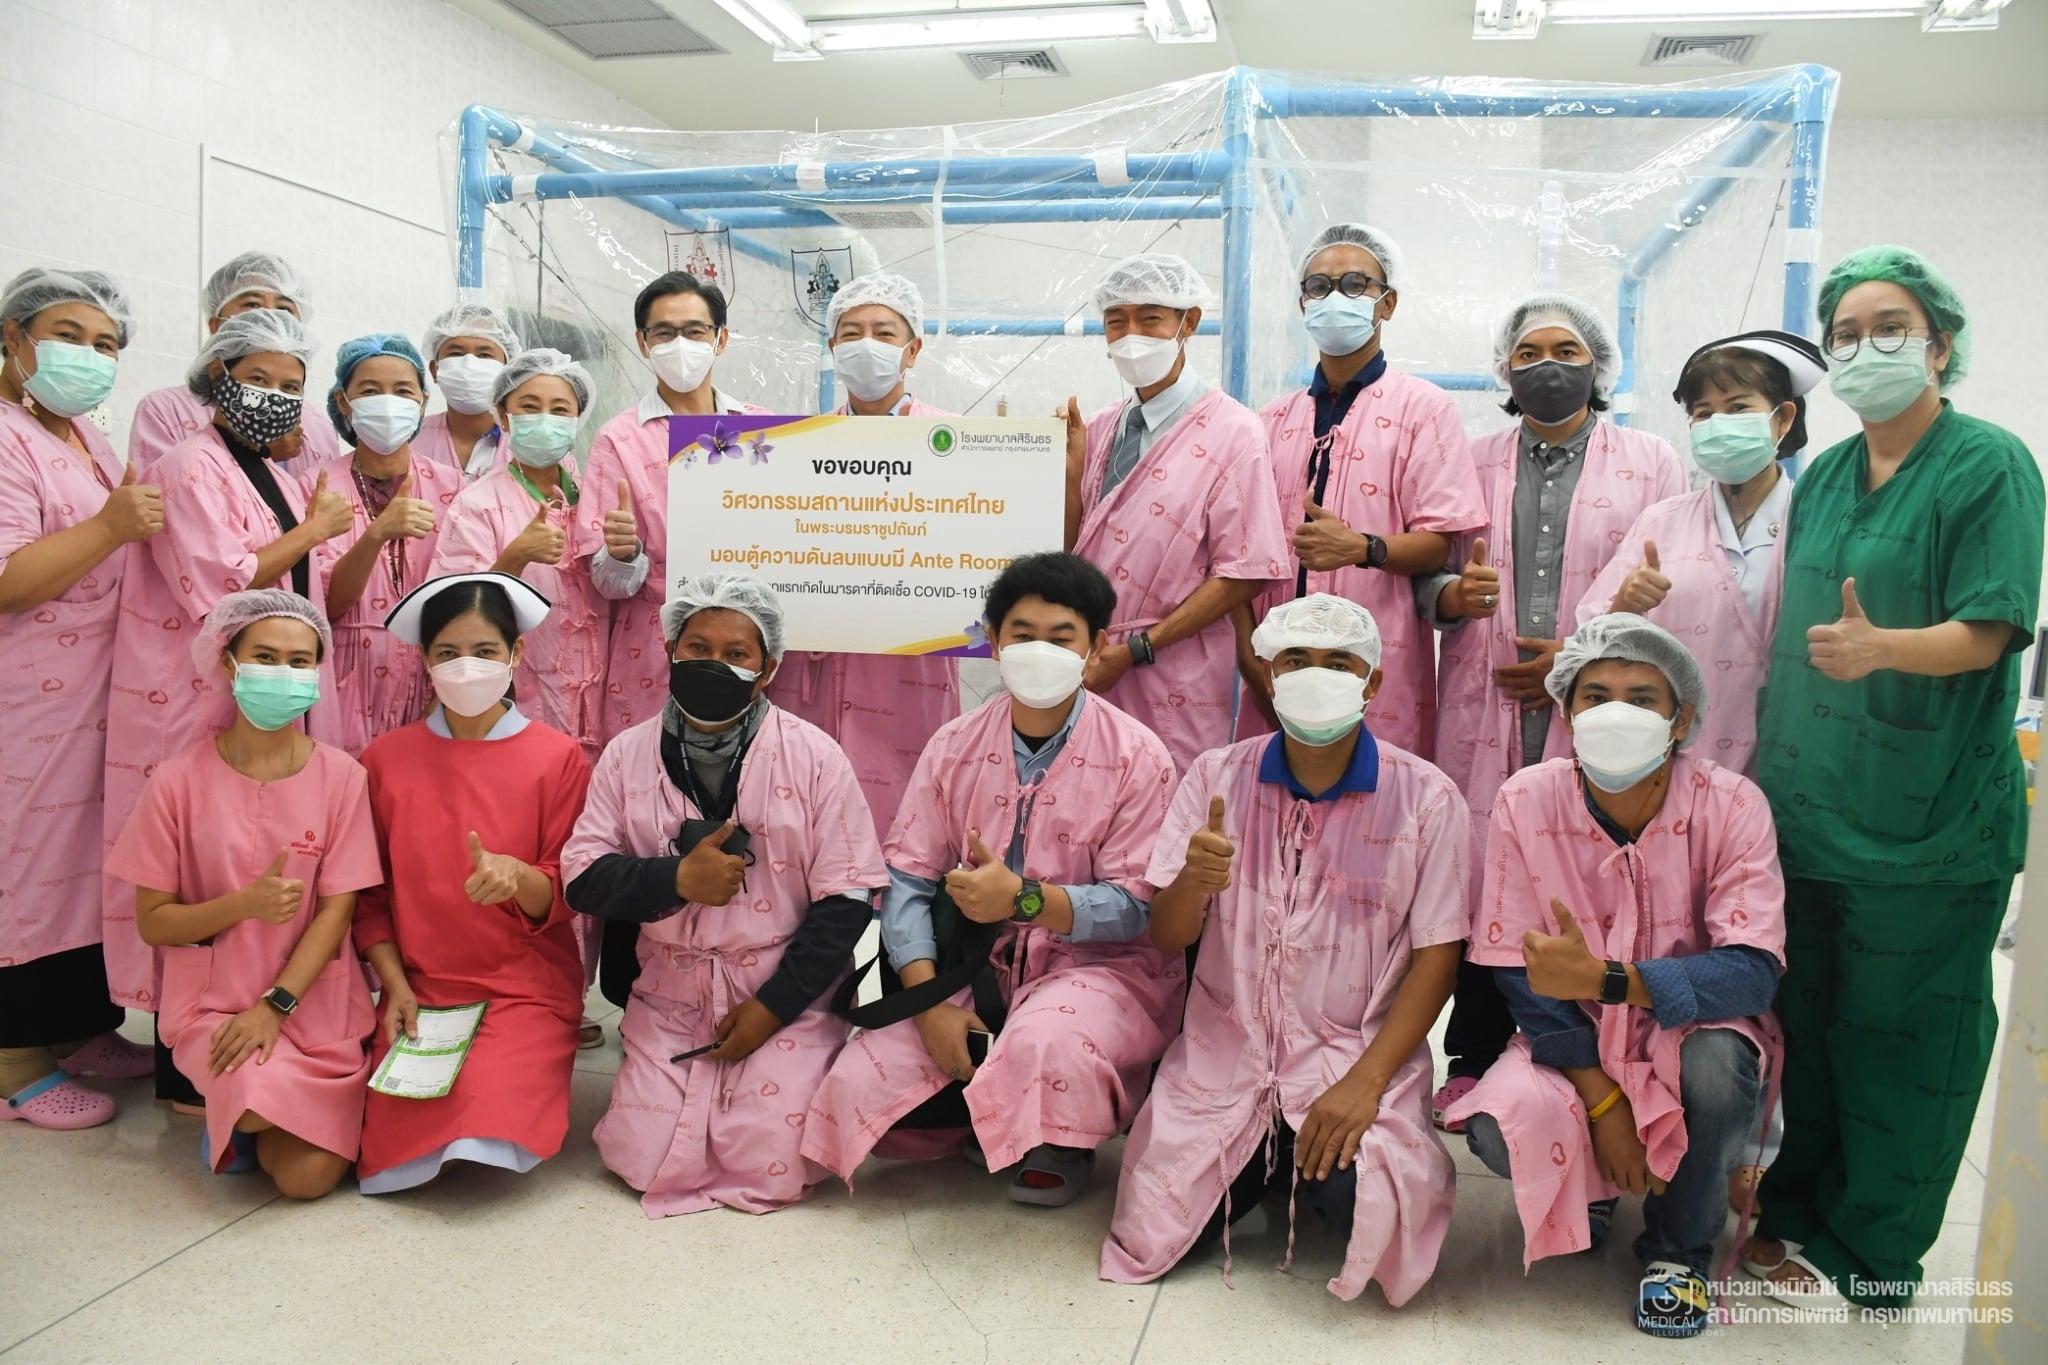 วิศวกรรมสถานแห่งประเทศไทย ในพระราชูปถัมภ์มอบ ตู้ความดันลบแบบมี Ante Room สำหรับบริบาลทารกแรกเกิดในมารดาที่ติดเชื้อ COVID-19 ในห้องคลอดให้กับโรงพยาบาลสิรินธร